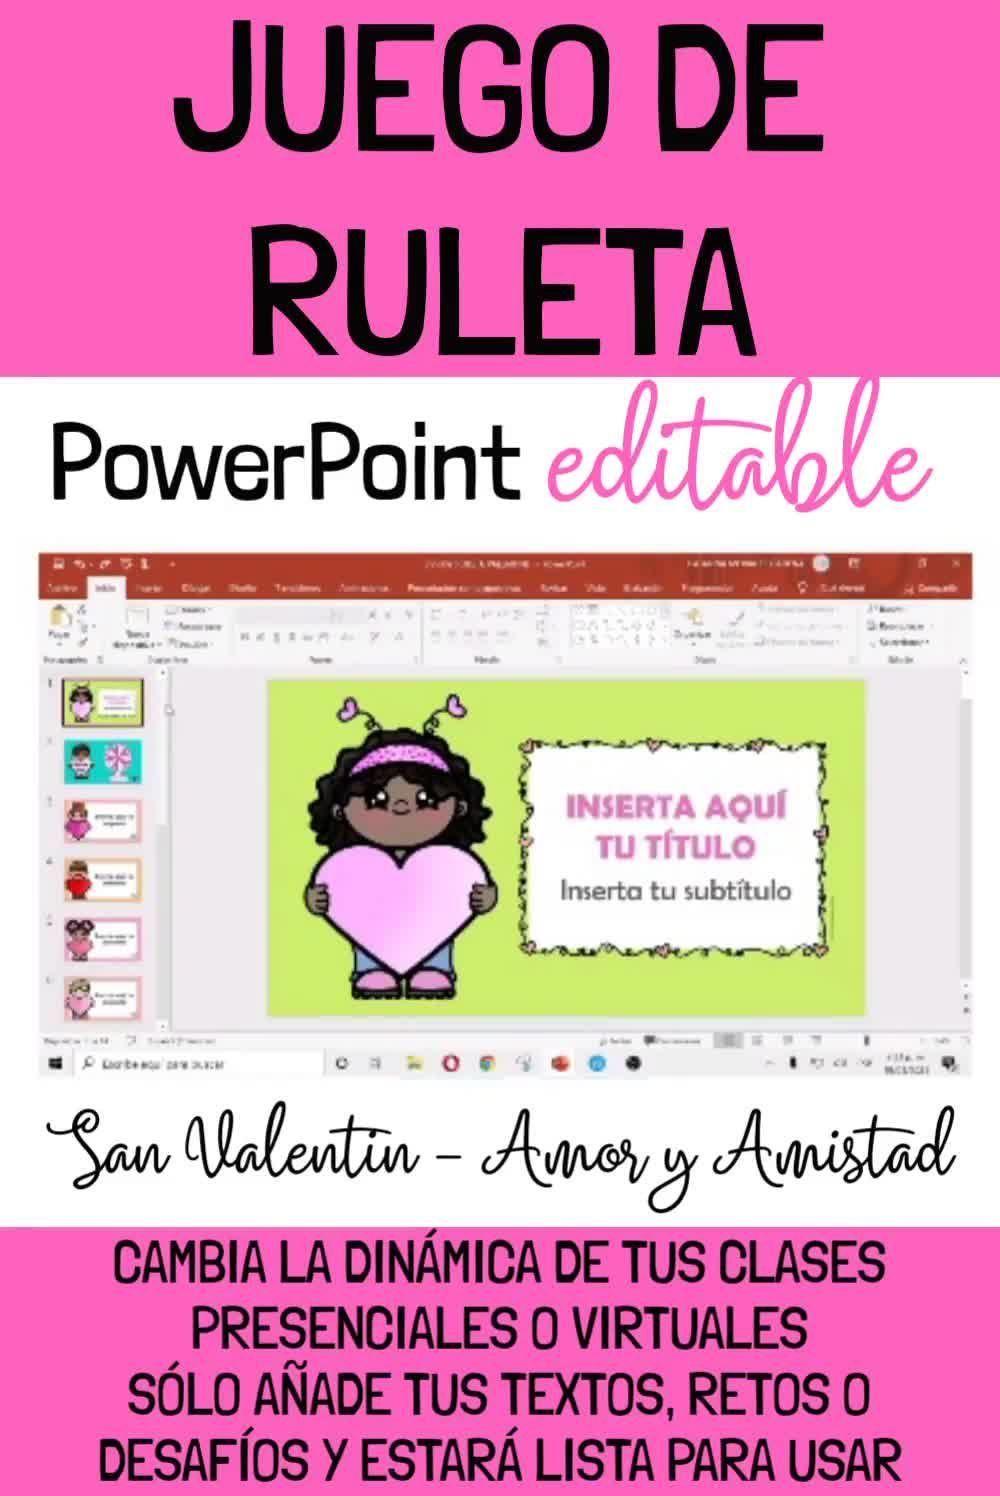 Juego De Ruleta Interactivo Valentines Day San Valentin Powerpoint Editable Video Video In 2021 Powerpoint Teacherspayteachers Meraki